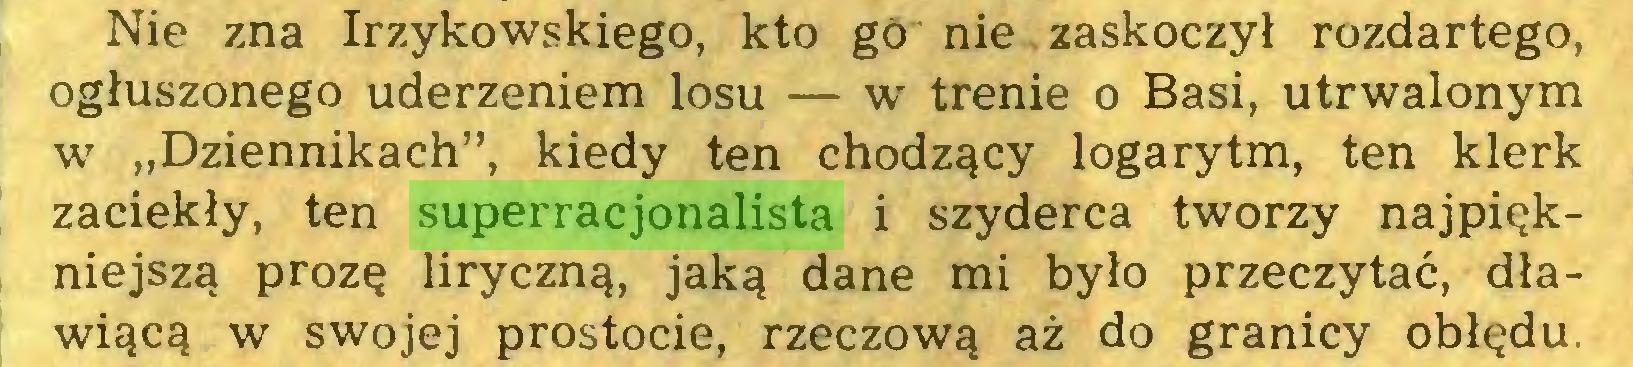 """(...) Nie zna Irzykowskiego, kto go nie . zaskoczył rozdartego, ogłuszonego uderzeniem losu — w trenie o Basi, utrwalonym w """"Dziennikach"""", kiedy ten chodzący logarytm, ten klerk zaciekły, ten superracjonalista i szyderca tworzy najpiękniejszą prozę liryczną, jaką dane mi było przeczytać, dławiącą w swojej prostocie, rzeczową aż do granicy obłędu..."""